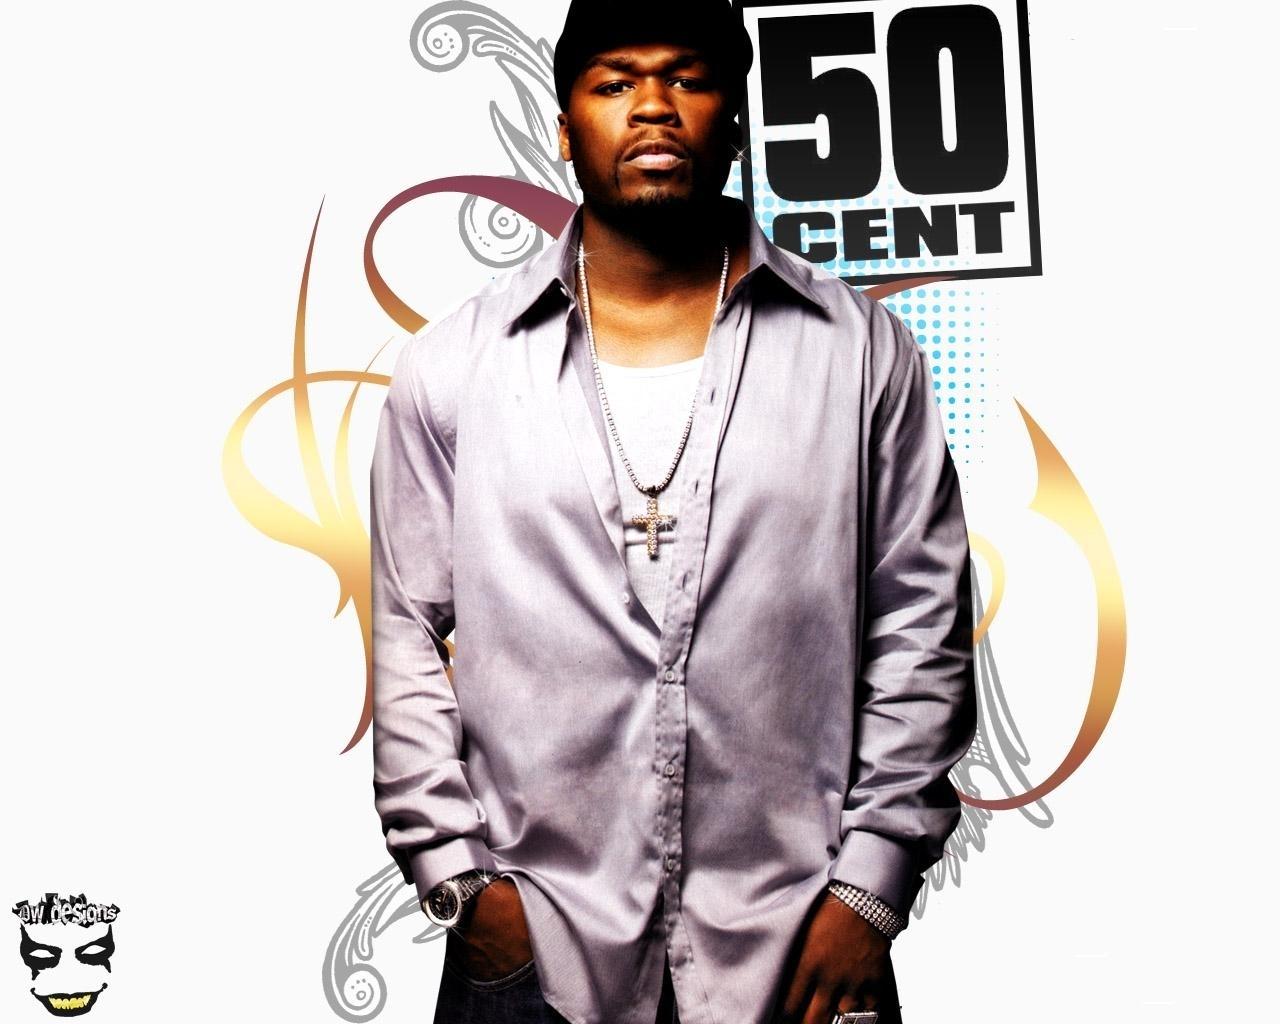 5704 скачать обои Музыка, Люди, Артисты, Мужчины, 50 Cent - заставки и картинки бесплатно